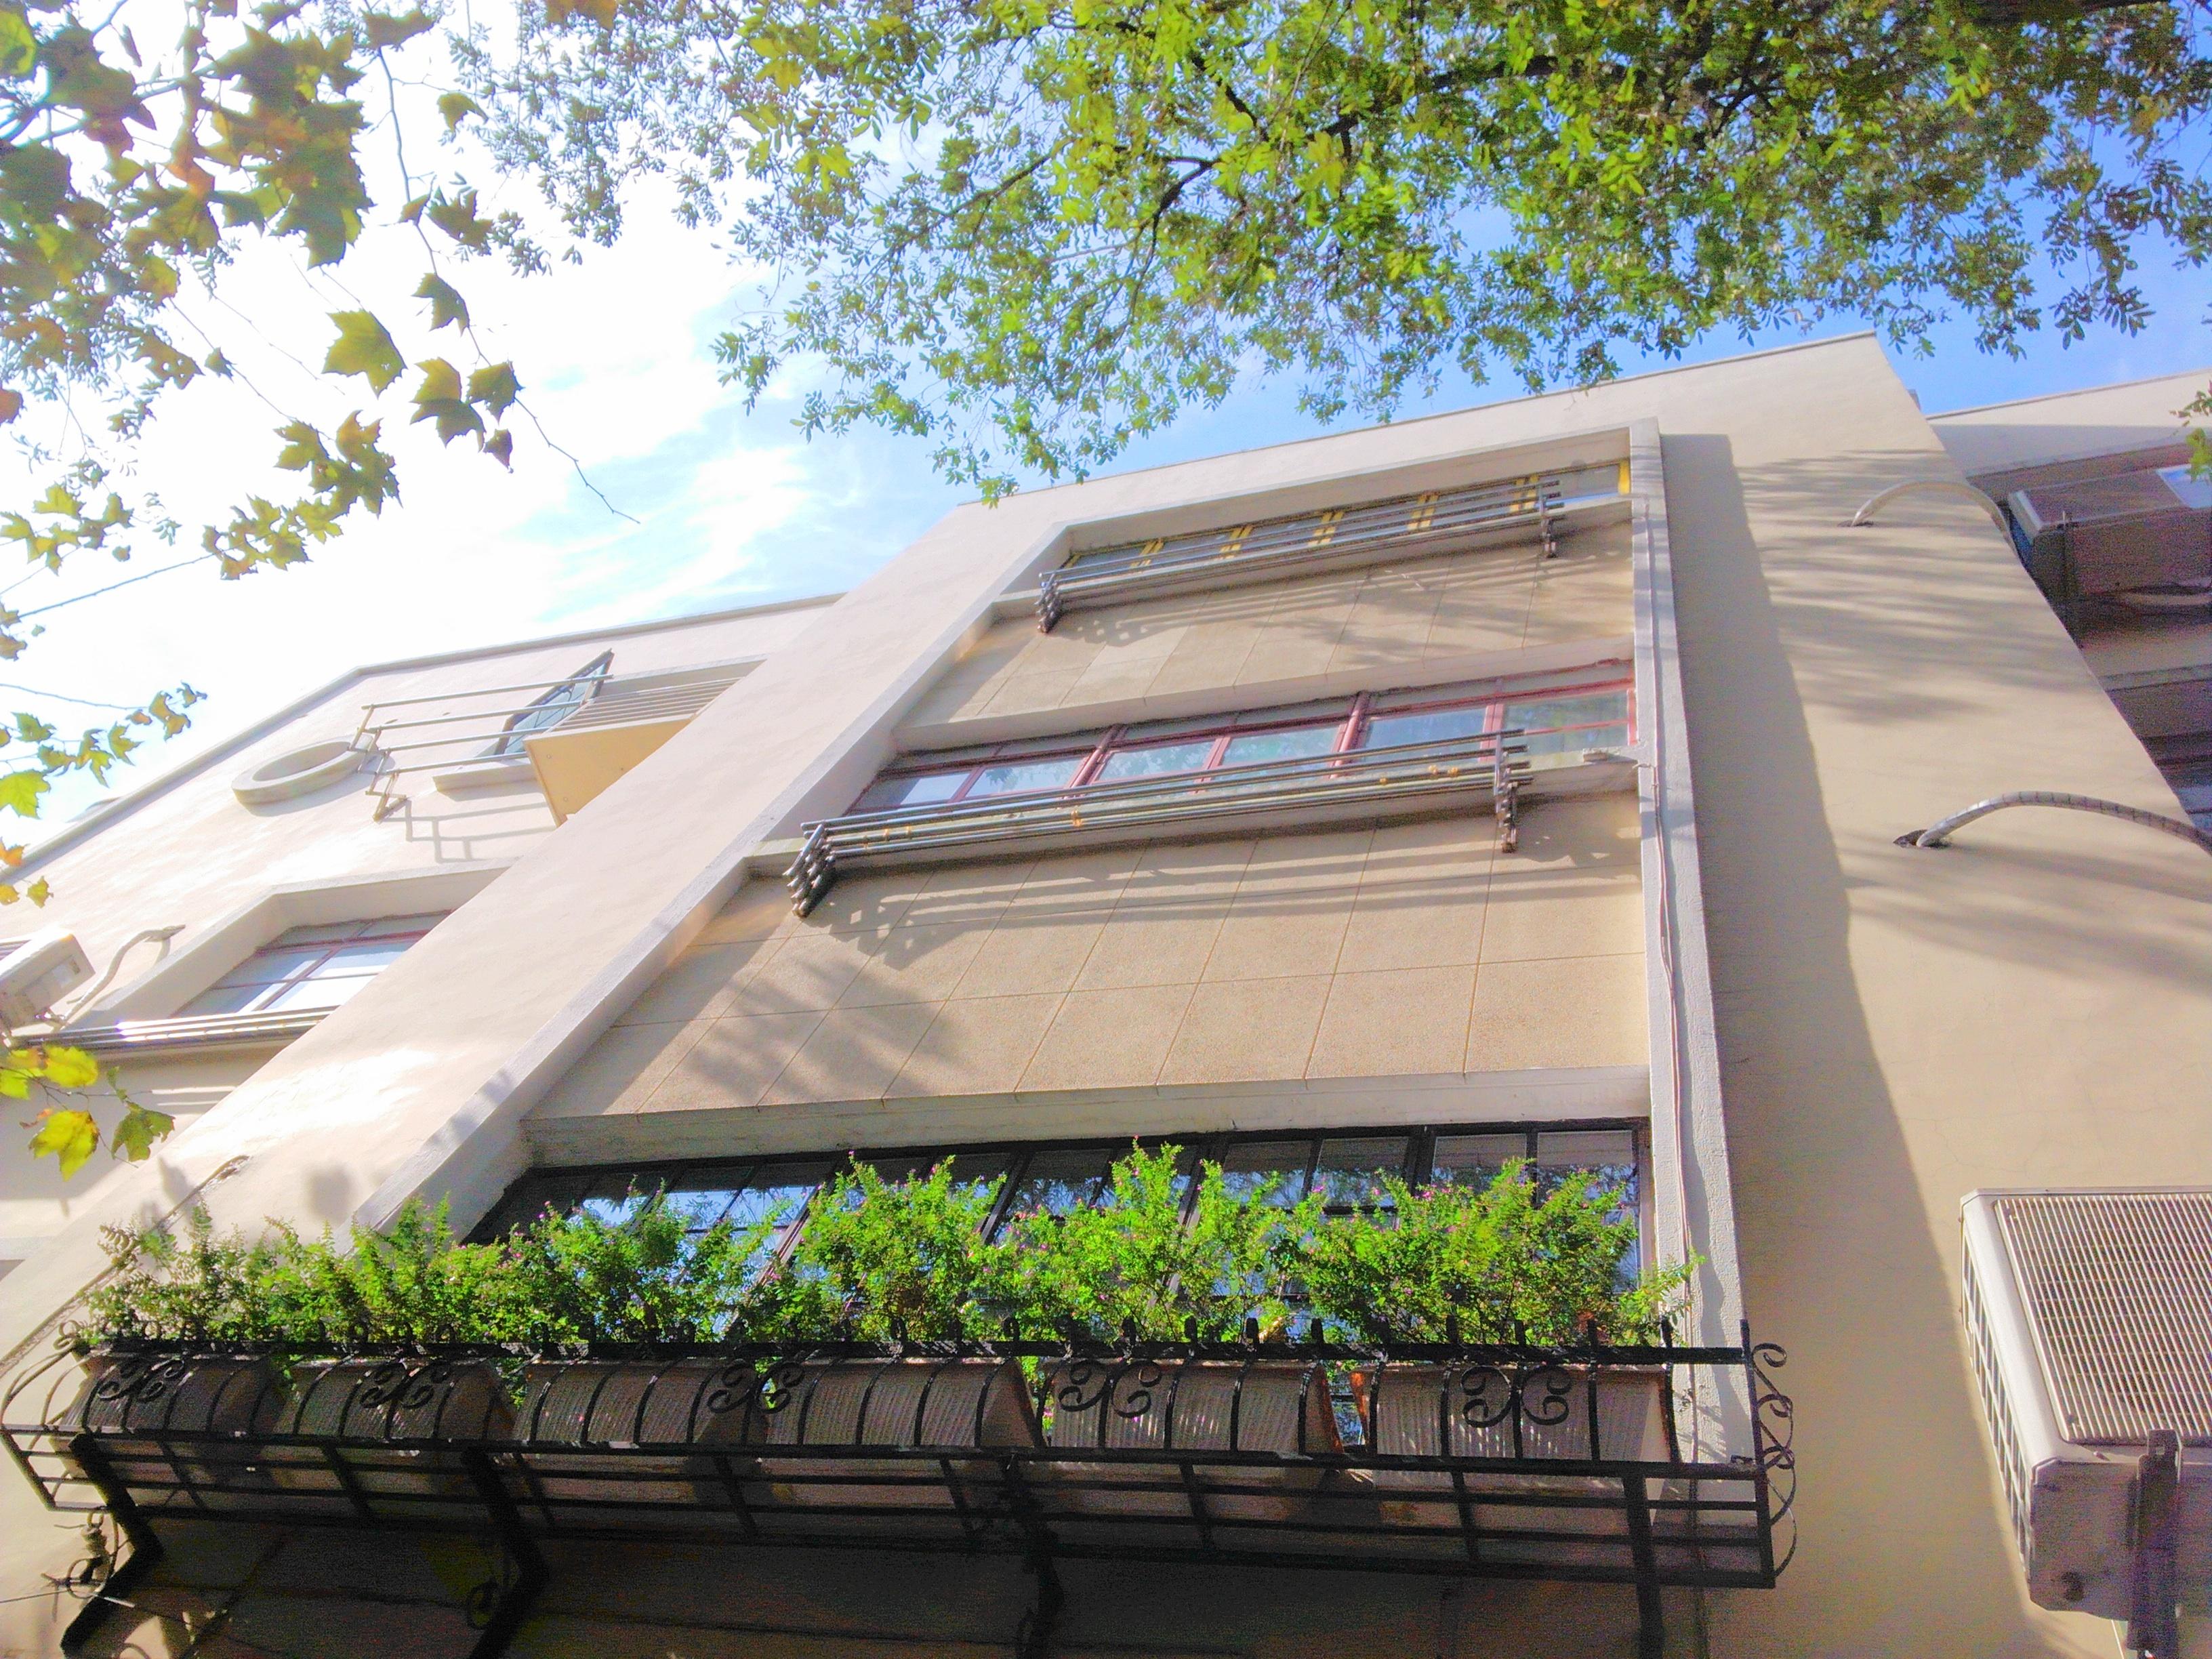 Immagini belle finestra tetto casa balcone baldacchino